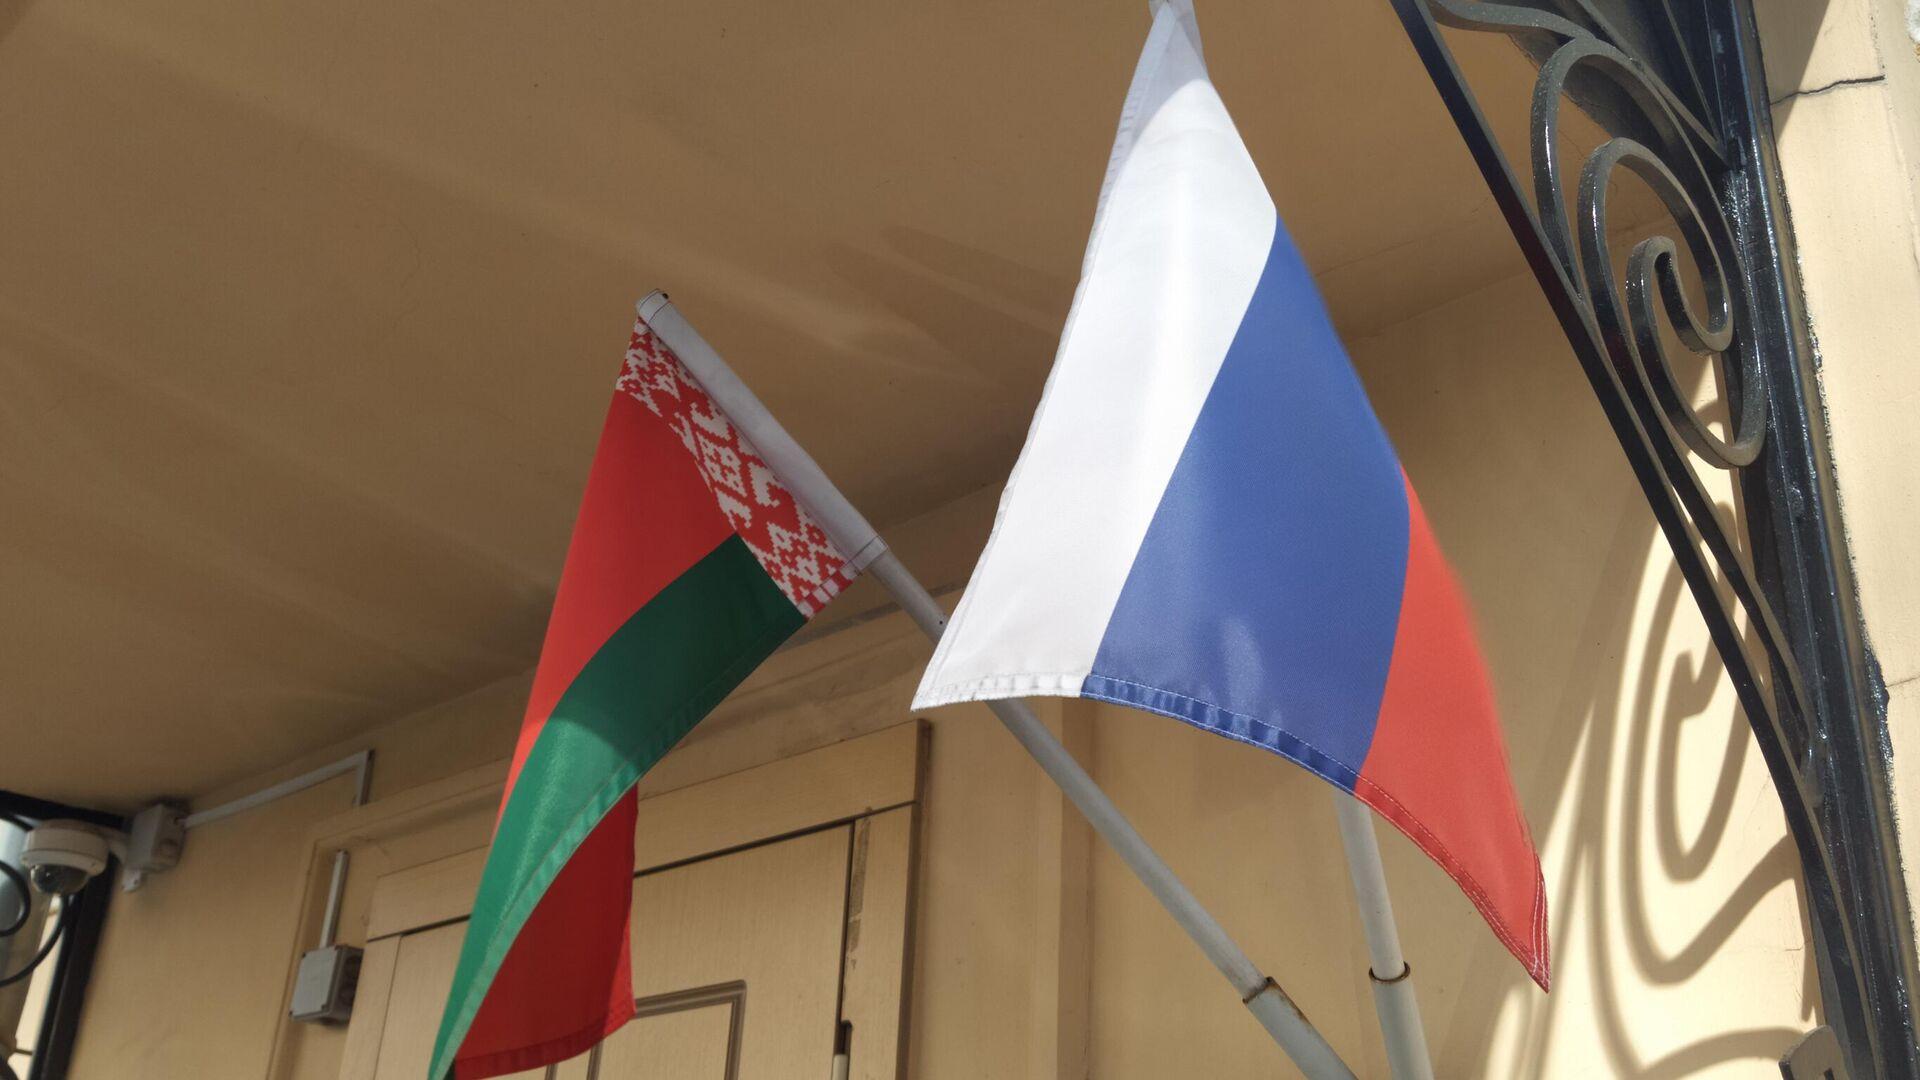 Banderas de Bielorrusia y Rusia - Sputnik Mundo, 1920, 10.09.2021